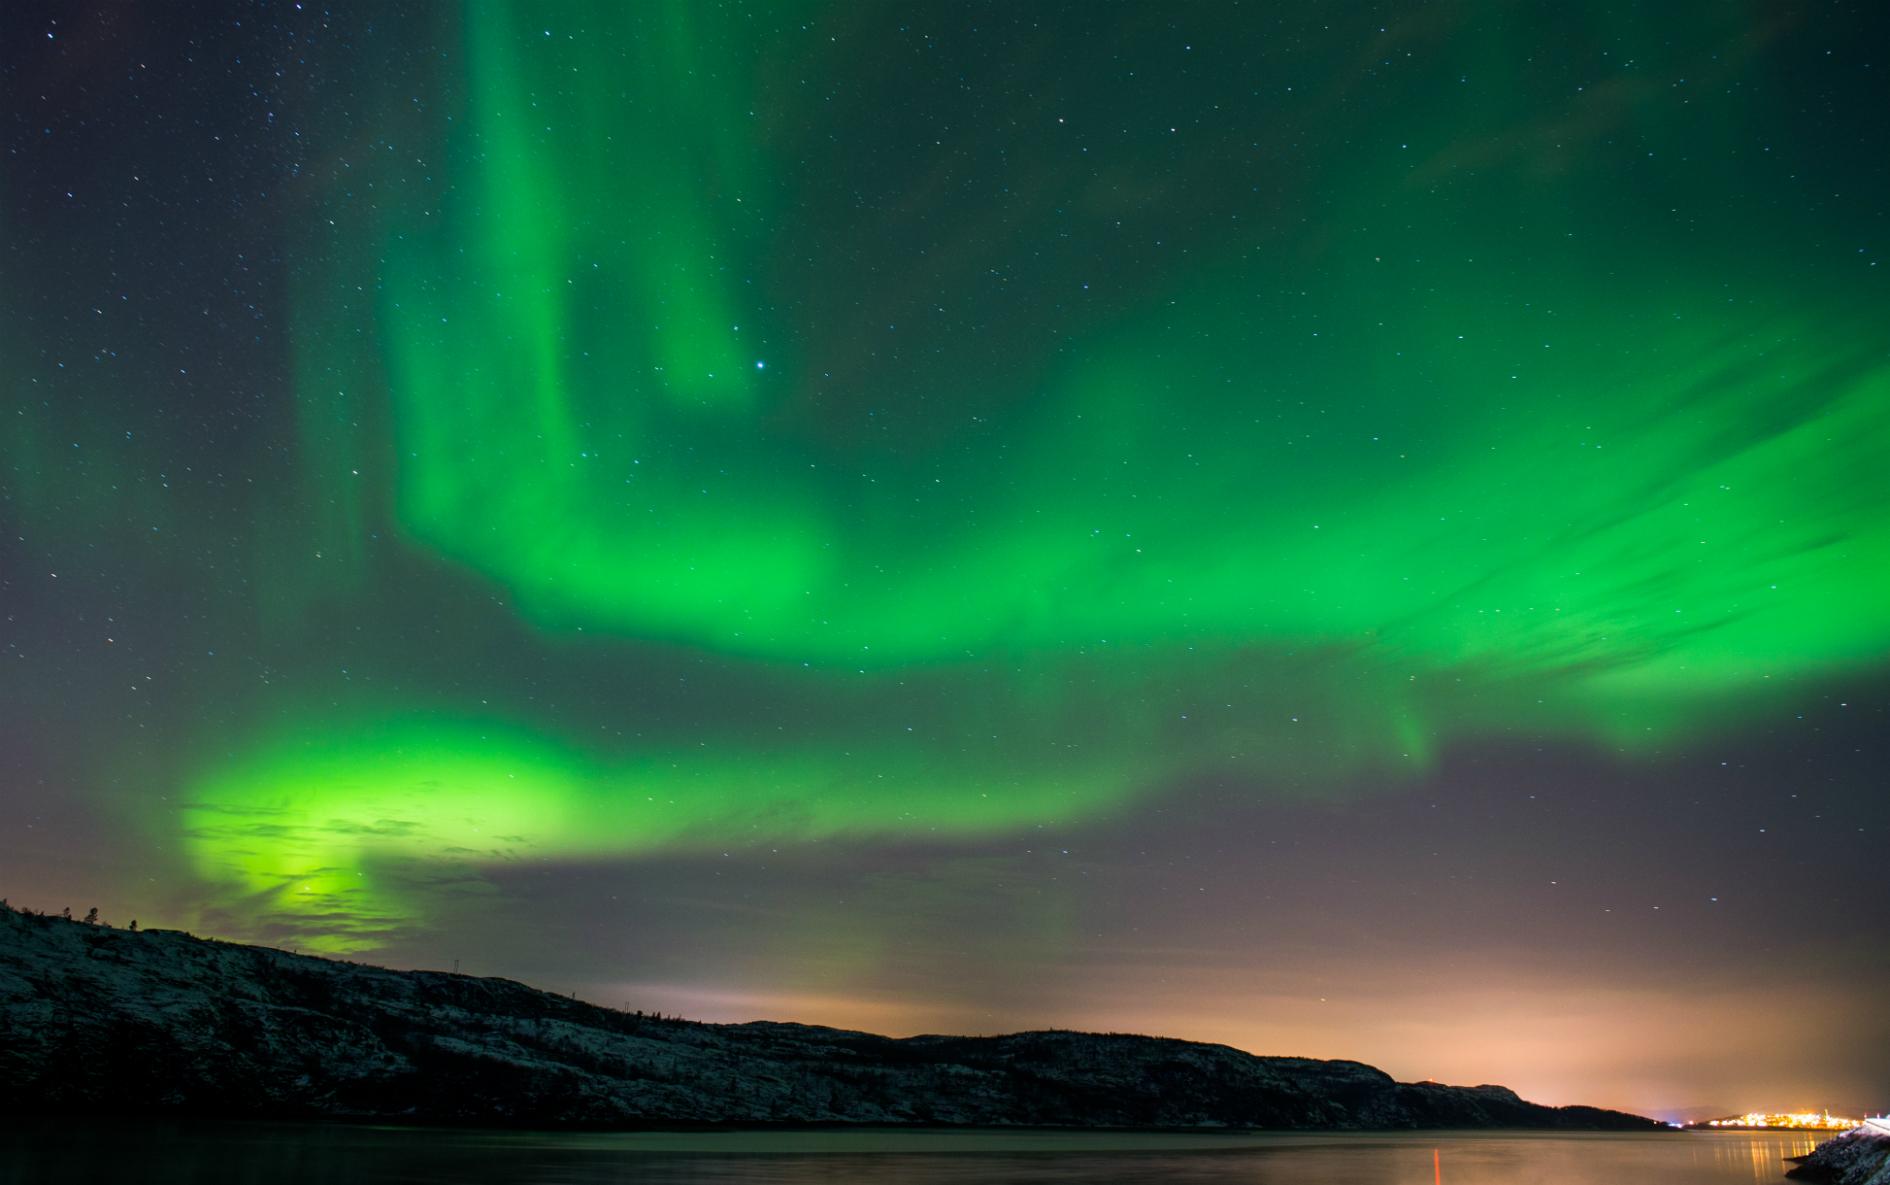 La aurora boreal o luces del norte iluminan el cielo nocturno cerca de la ciudad de Kirkenes en el norte de Noruega. AFP JONATHAN NACKSTRAND